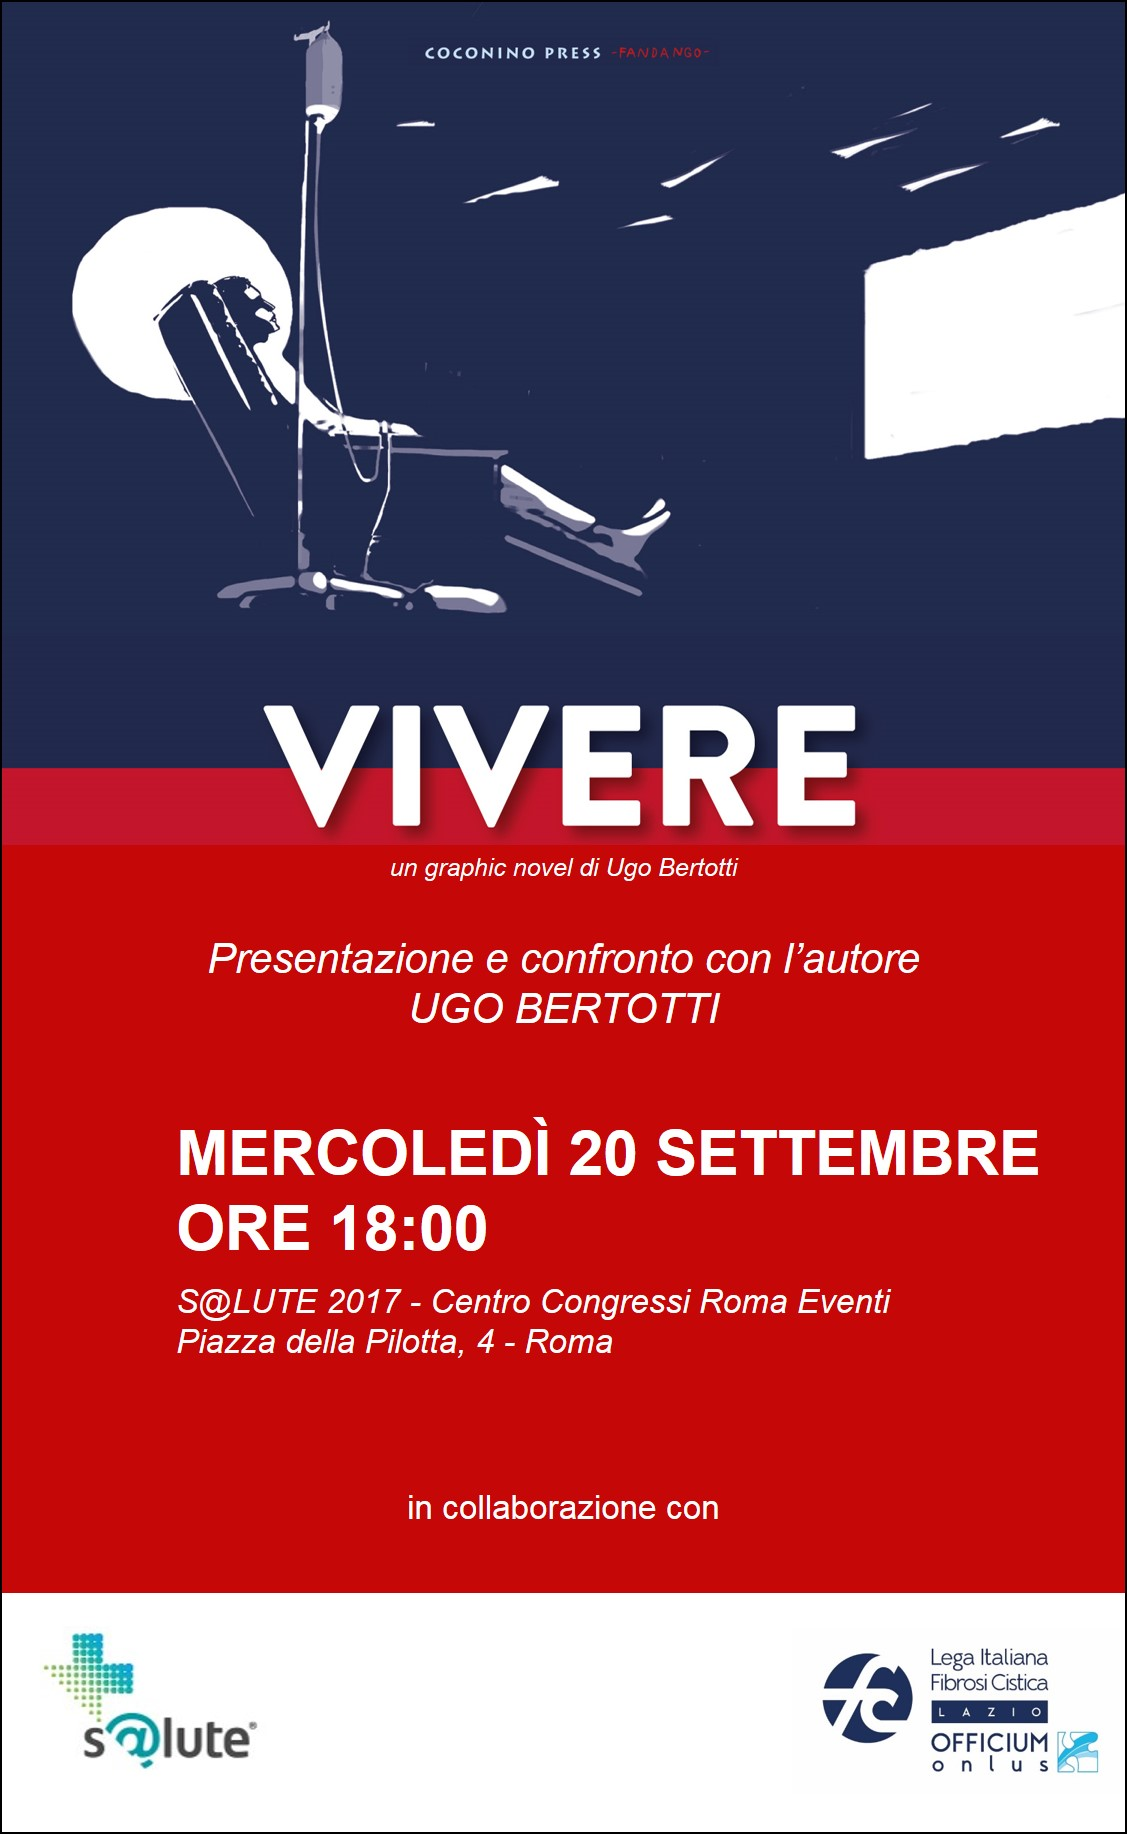 """Presentazione """"Vivere"""" di Ugo Bertotti 20 settembre 2017 – ore 18 – S@lute 2017 - Centro Congressi Roma Eventi – Piazza della Pilotta 4 - Roma"""